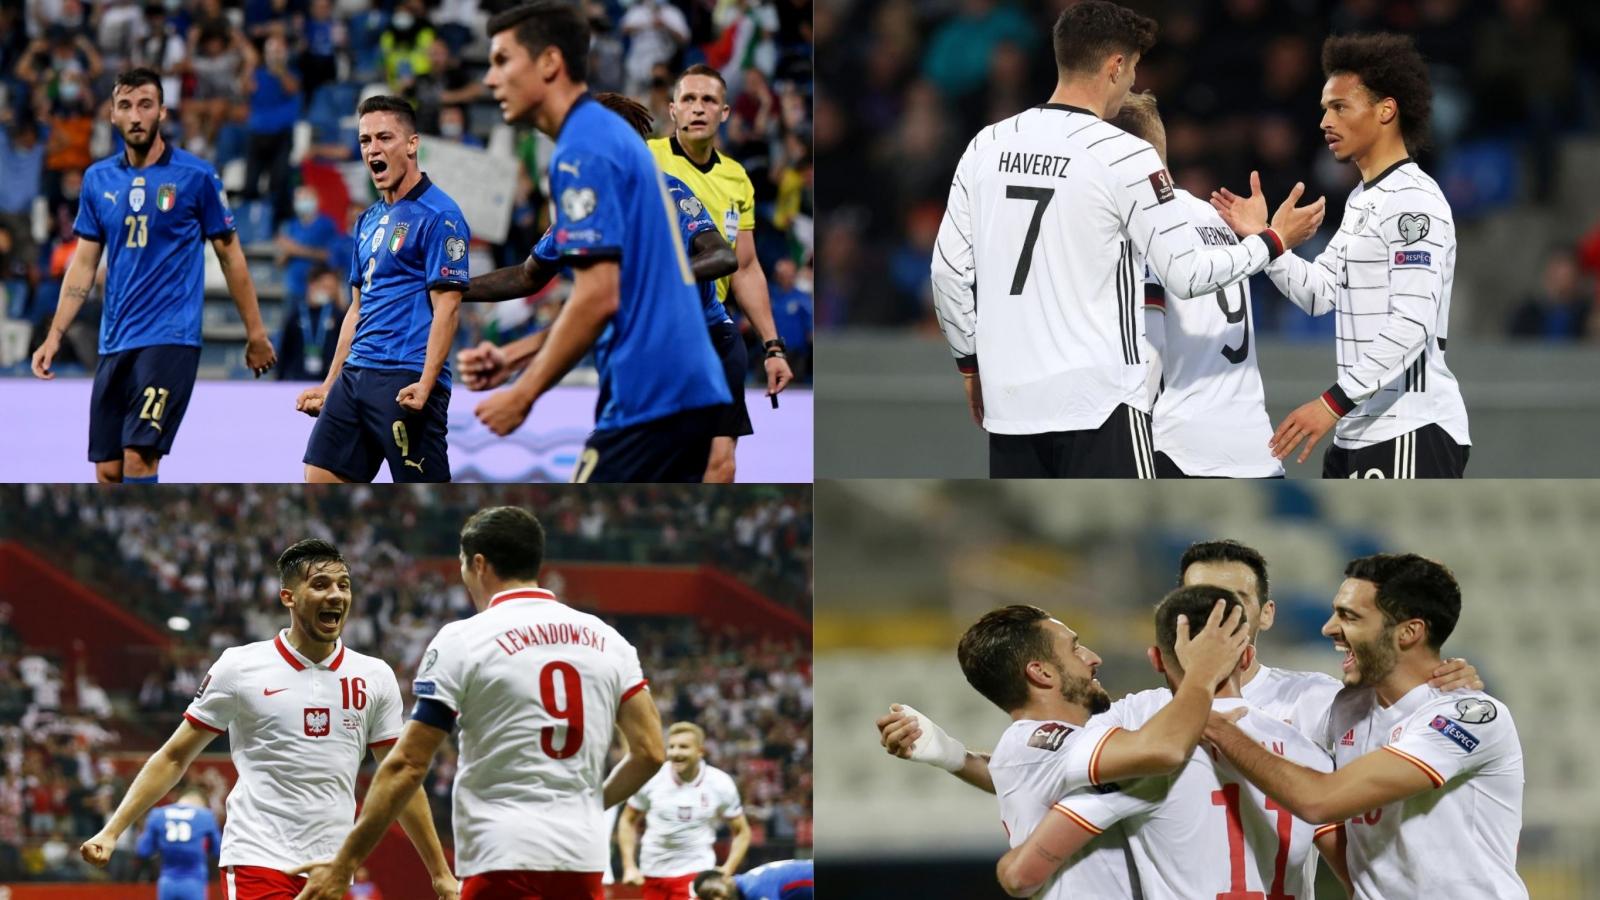 Kết quả vòng loại World Cup 2022 khu vực châu Âu (9/9): Italia và Đức đại thắng